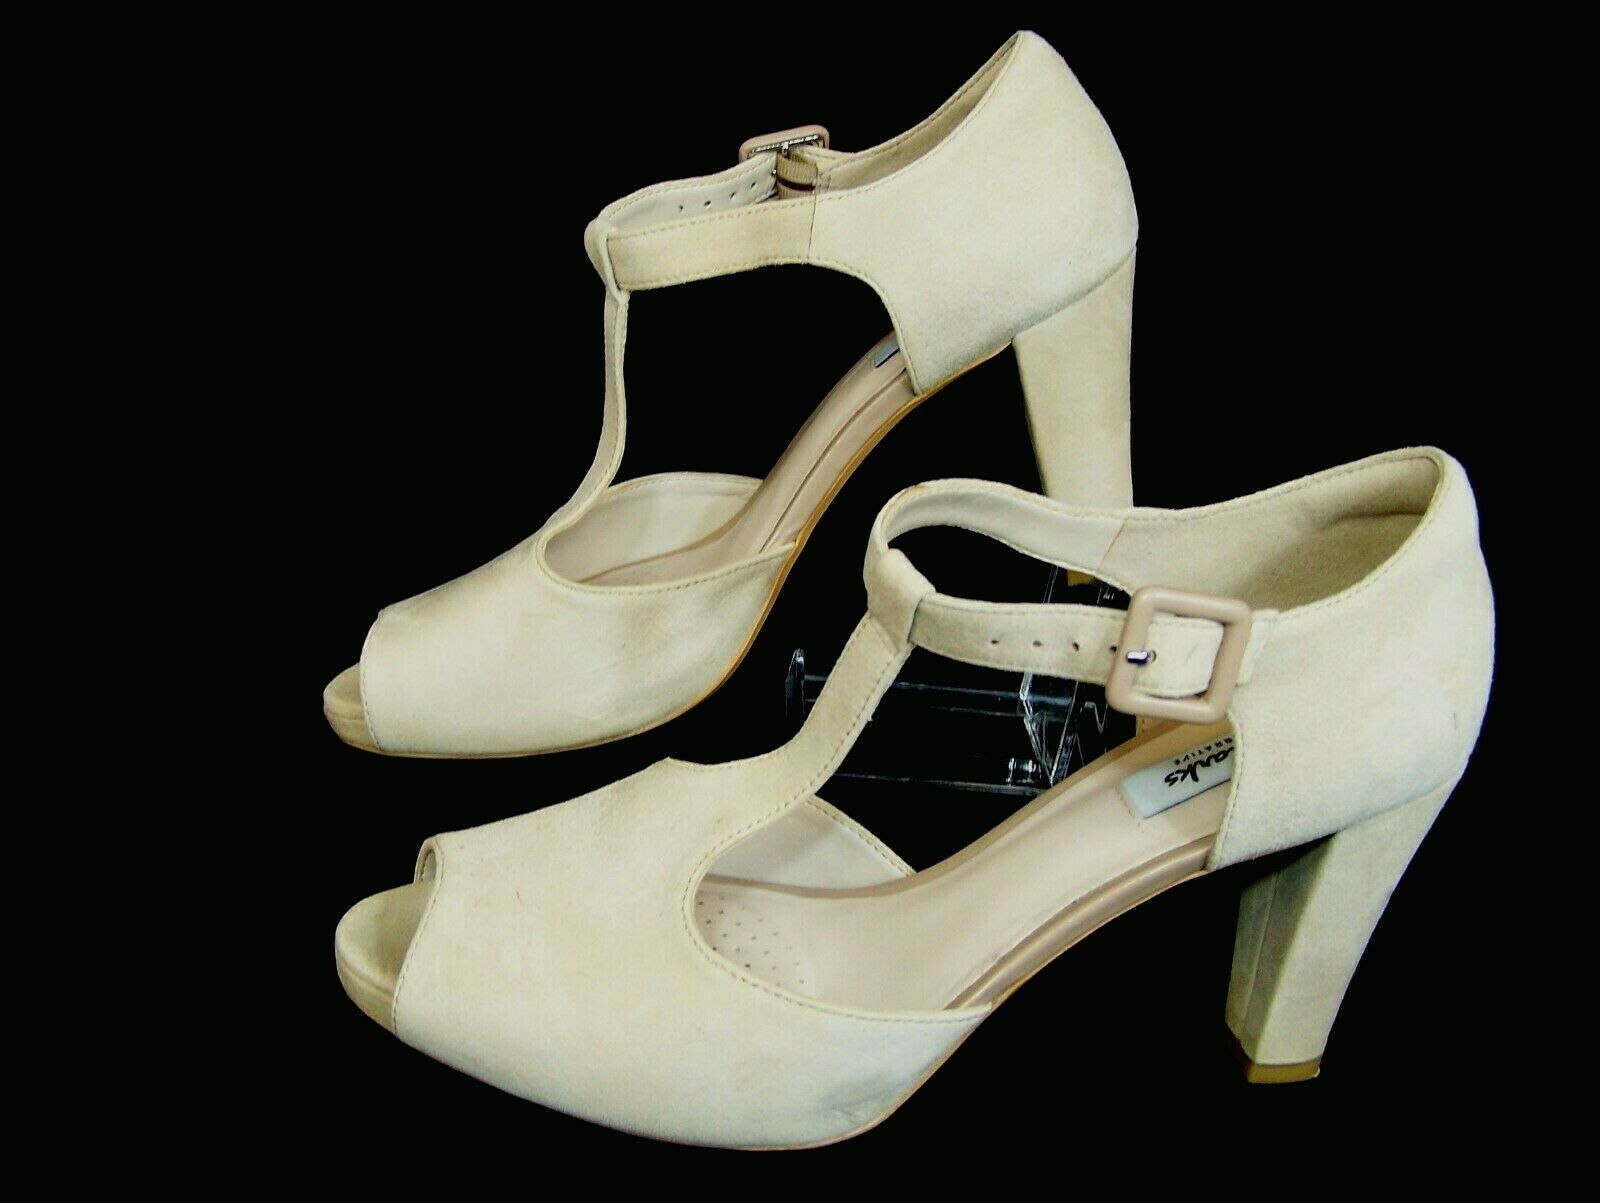 CLARKS Narrative Damen Pumps Gr 40 UK 6,5  Absatz 9 cm Kendra Flower High Heels